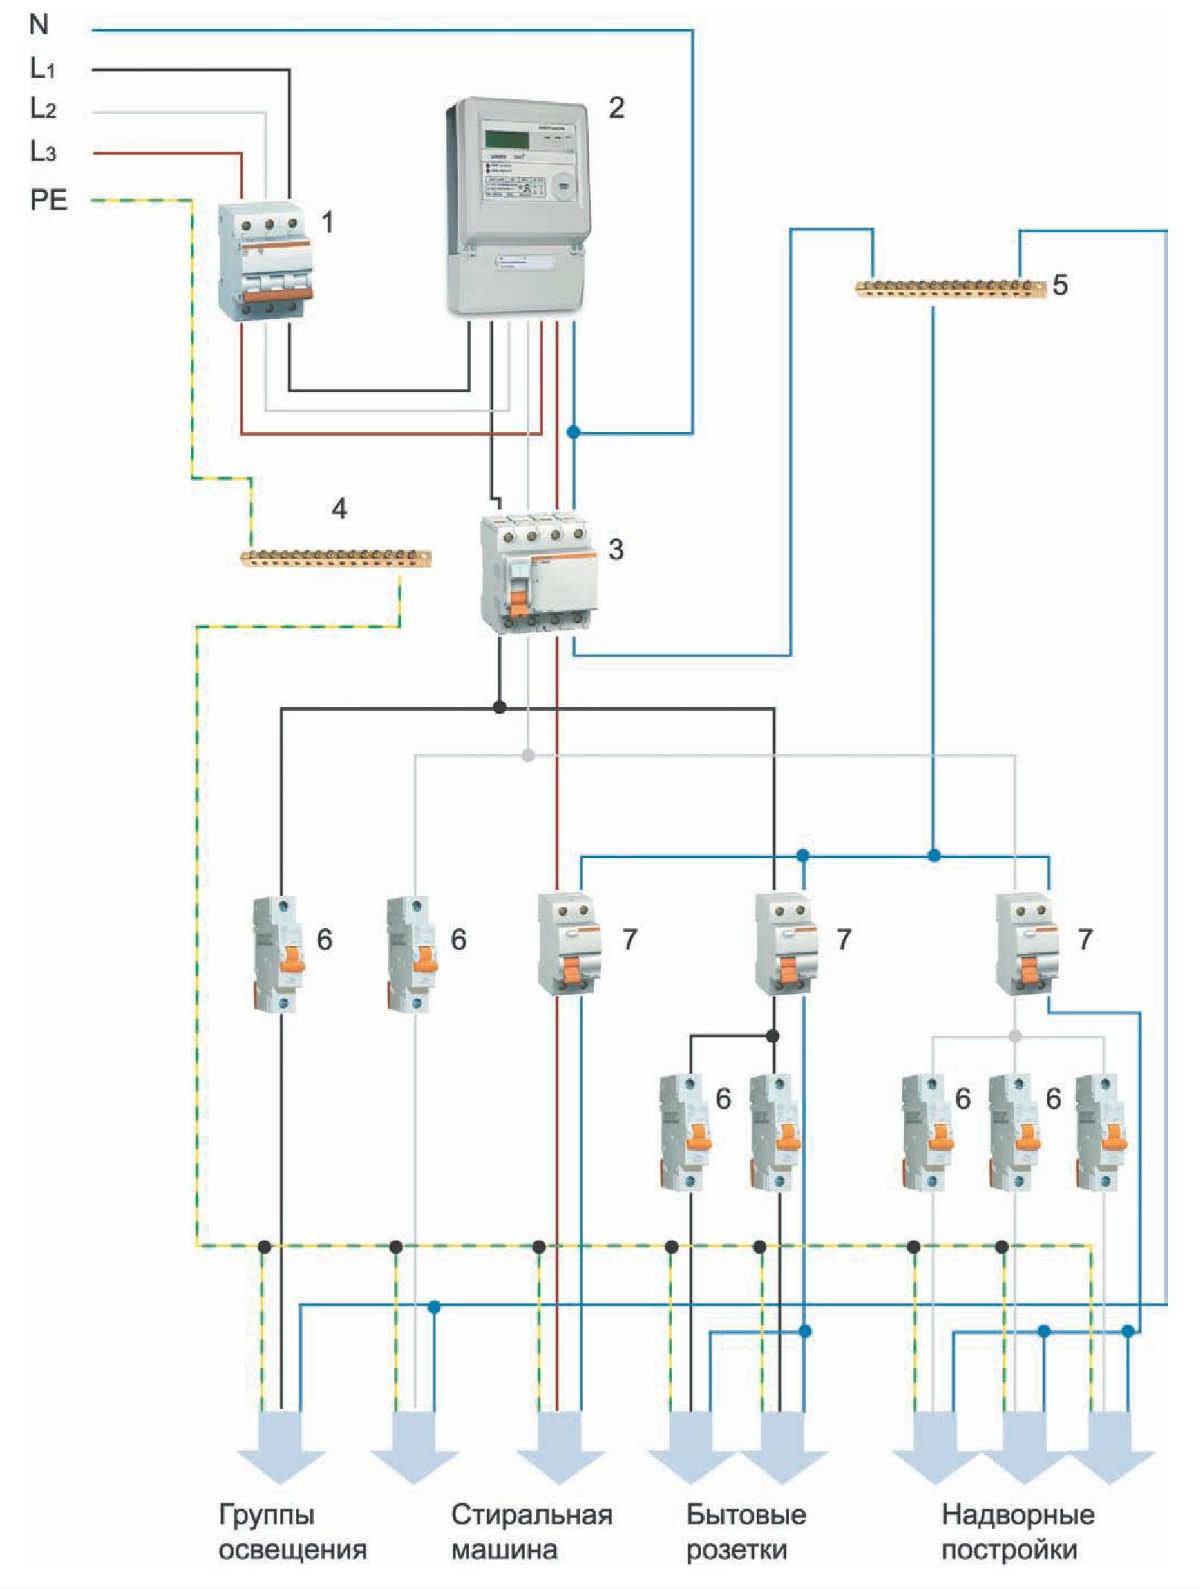 Автомат дифференциальный схема подключения